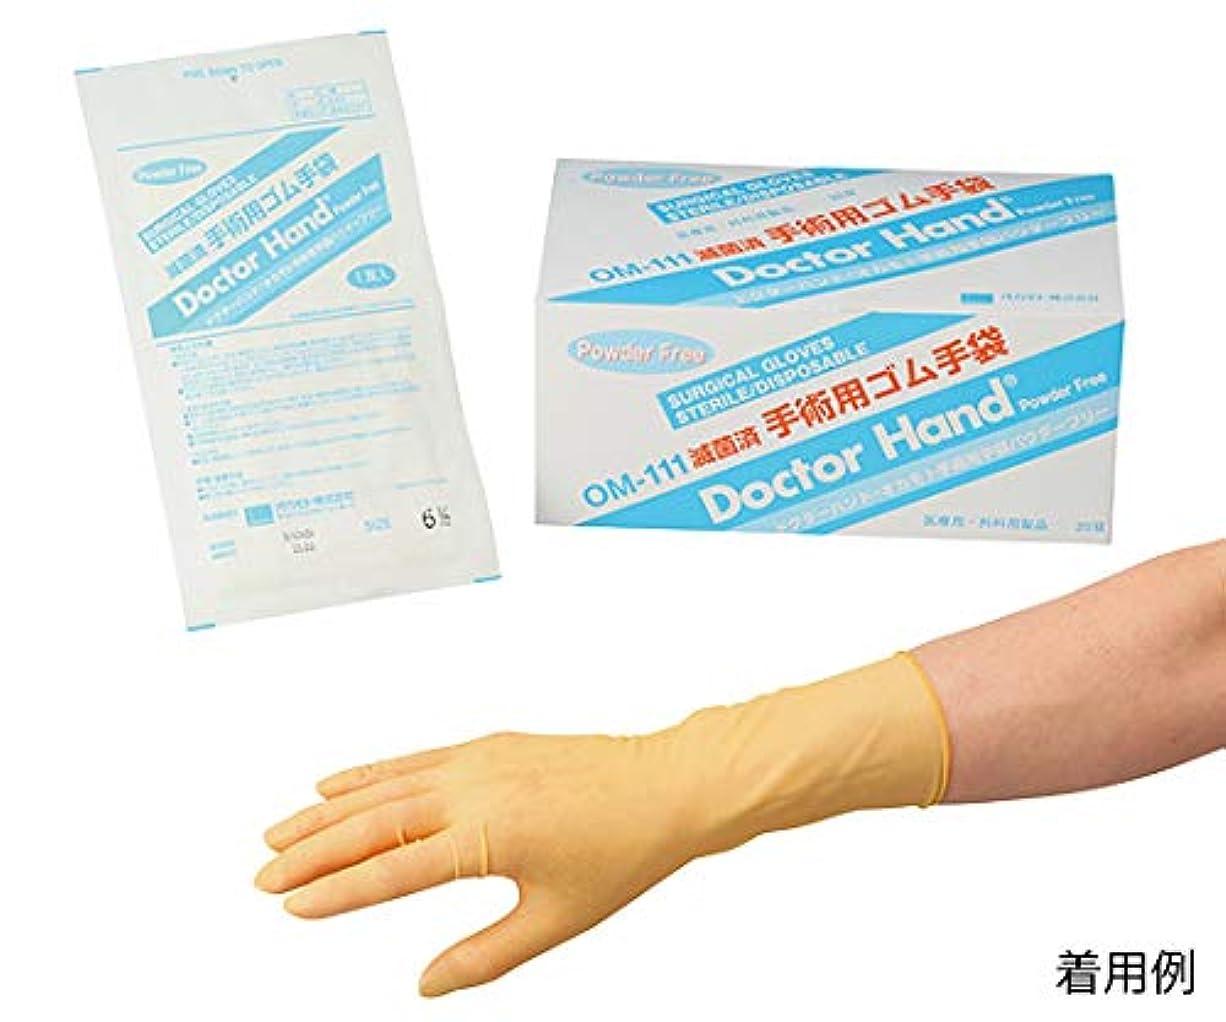 マイク酔ってレクリエーションオカモト手術用手袋 パウダーフリー 5.5号 20双入 OM-111